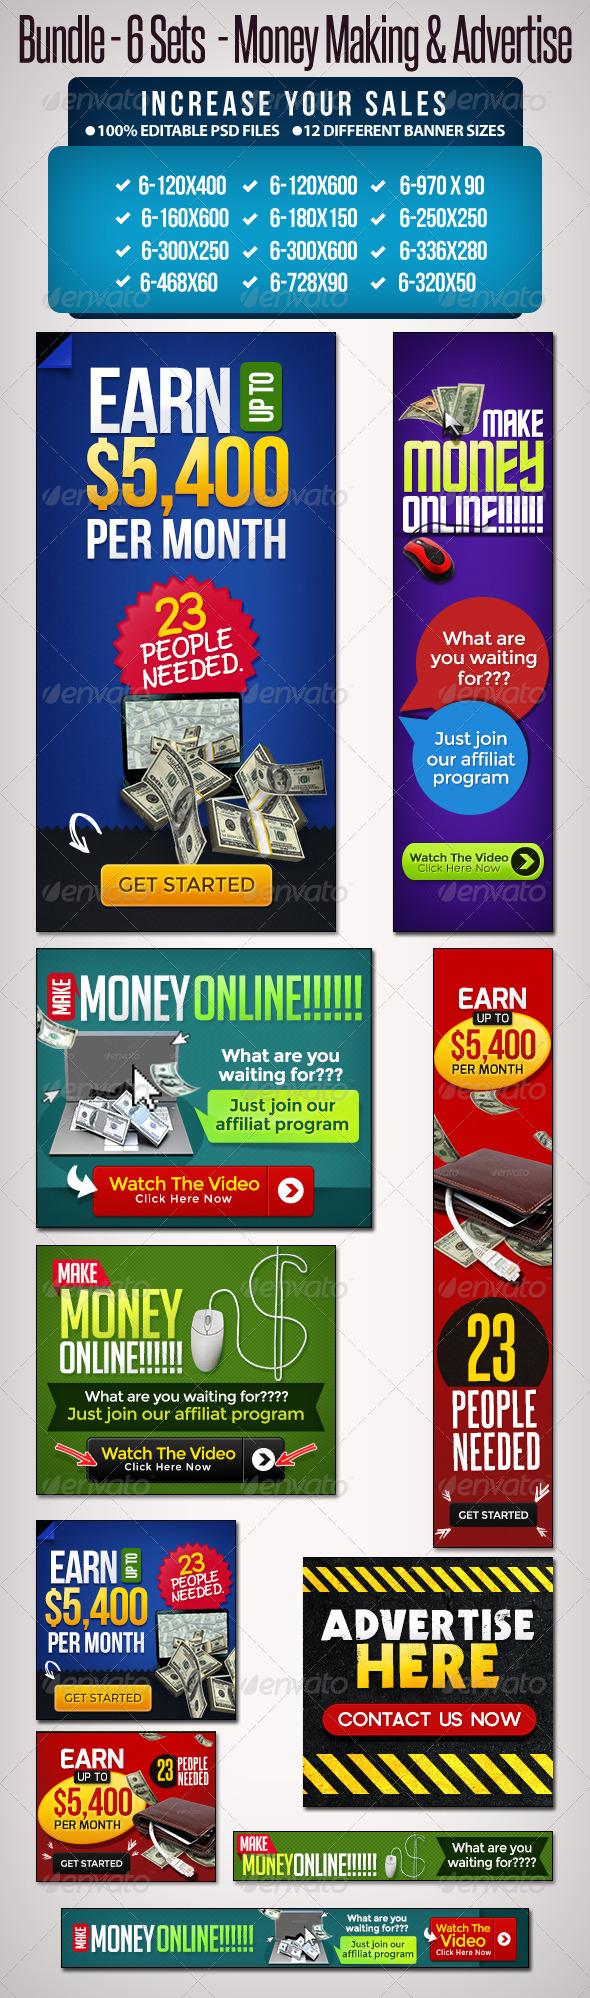 GraphicRiver Bundle 6 Sets Make Money Online & Advertise 5456507